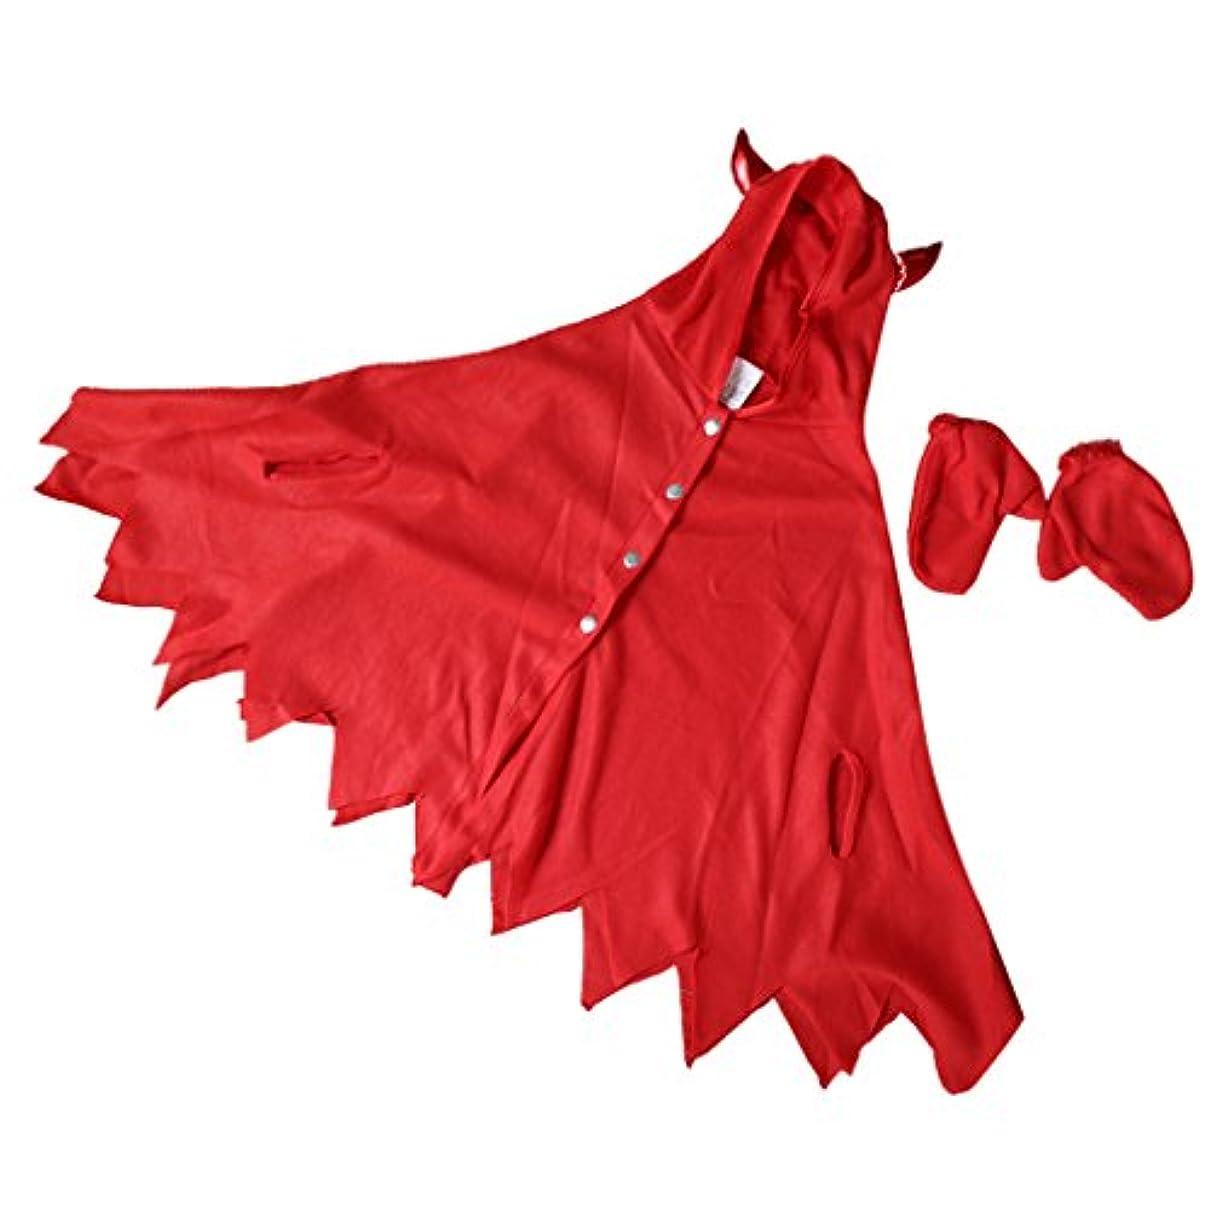 株式会社ぼんやりした広告するPETSOLA 悪魔の衣装 ドレス クローク 手袋 仮装 女の子 キッズ パーティー コスプレ パーティー 赤